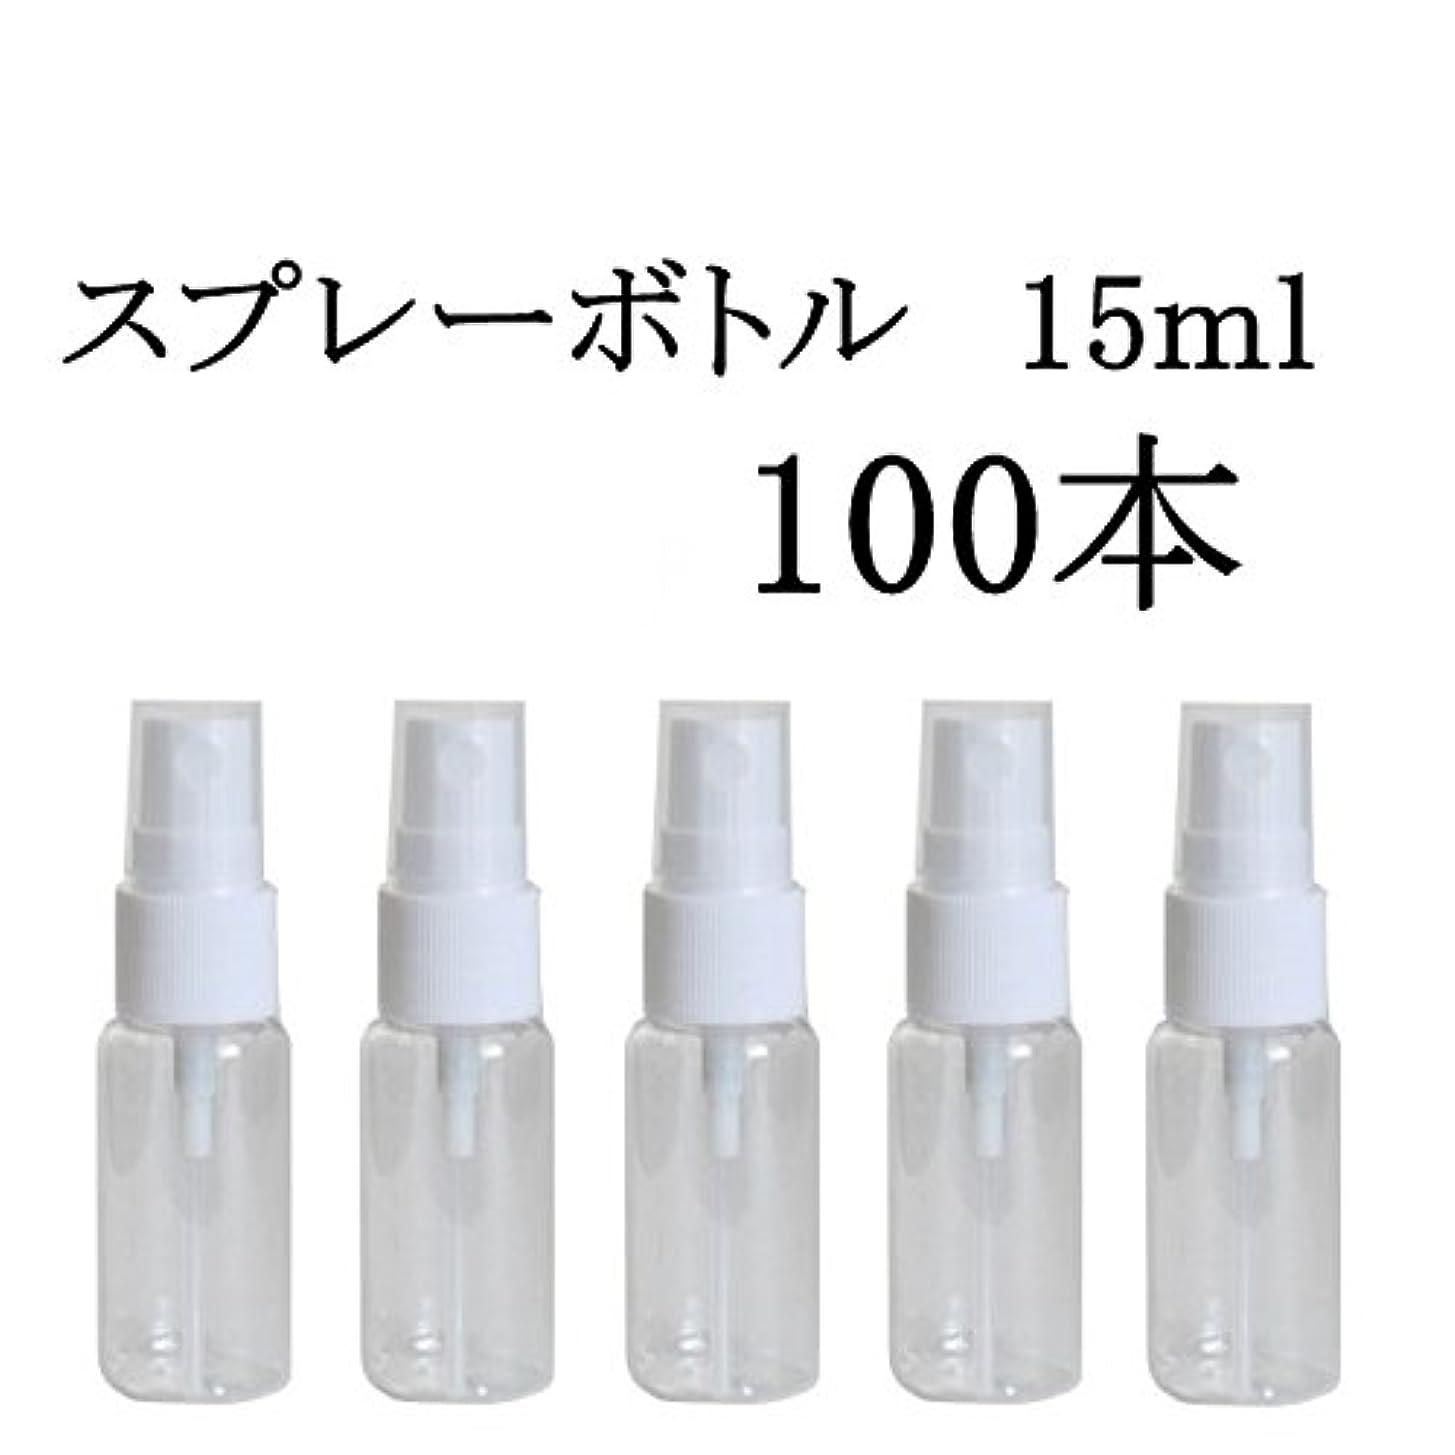 改修する付属品テレマコスhappy fountain スプレーボトル 15ml 【100本】 プラスチック容器